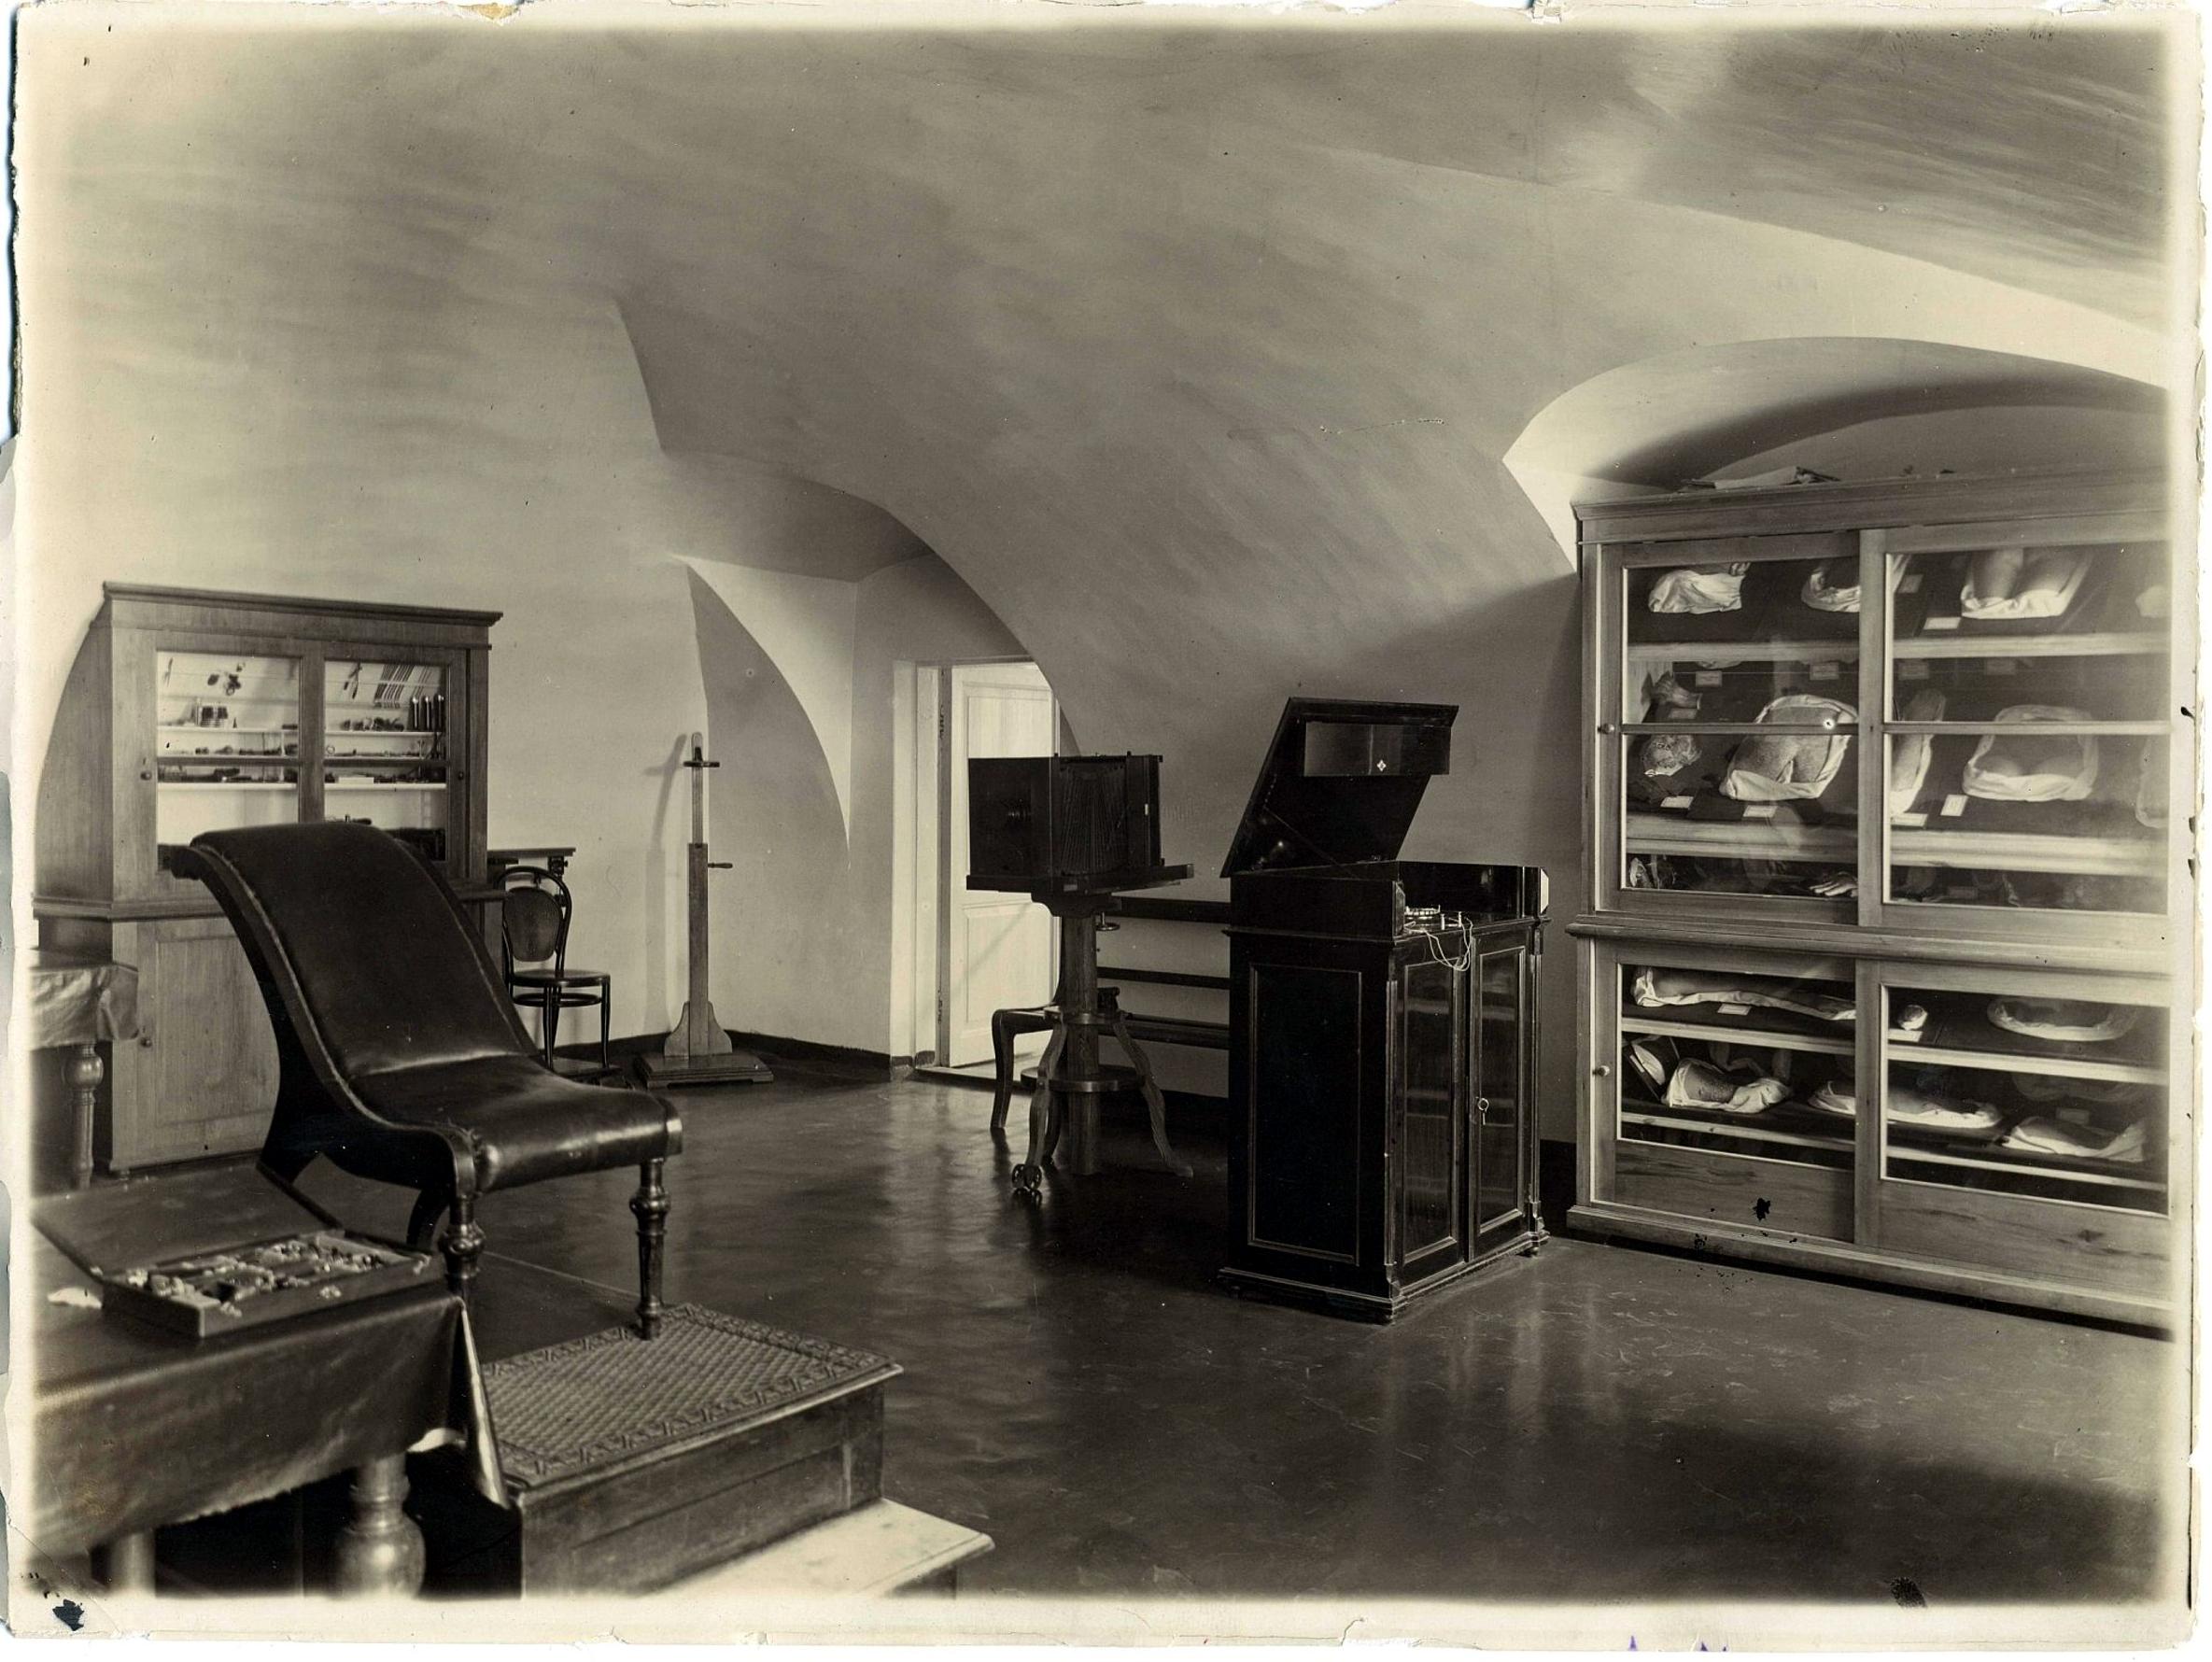 Патолого-анатомическая аудитория Императорского университета. 1896